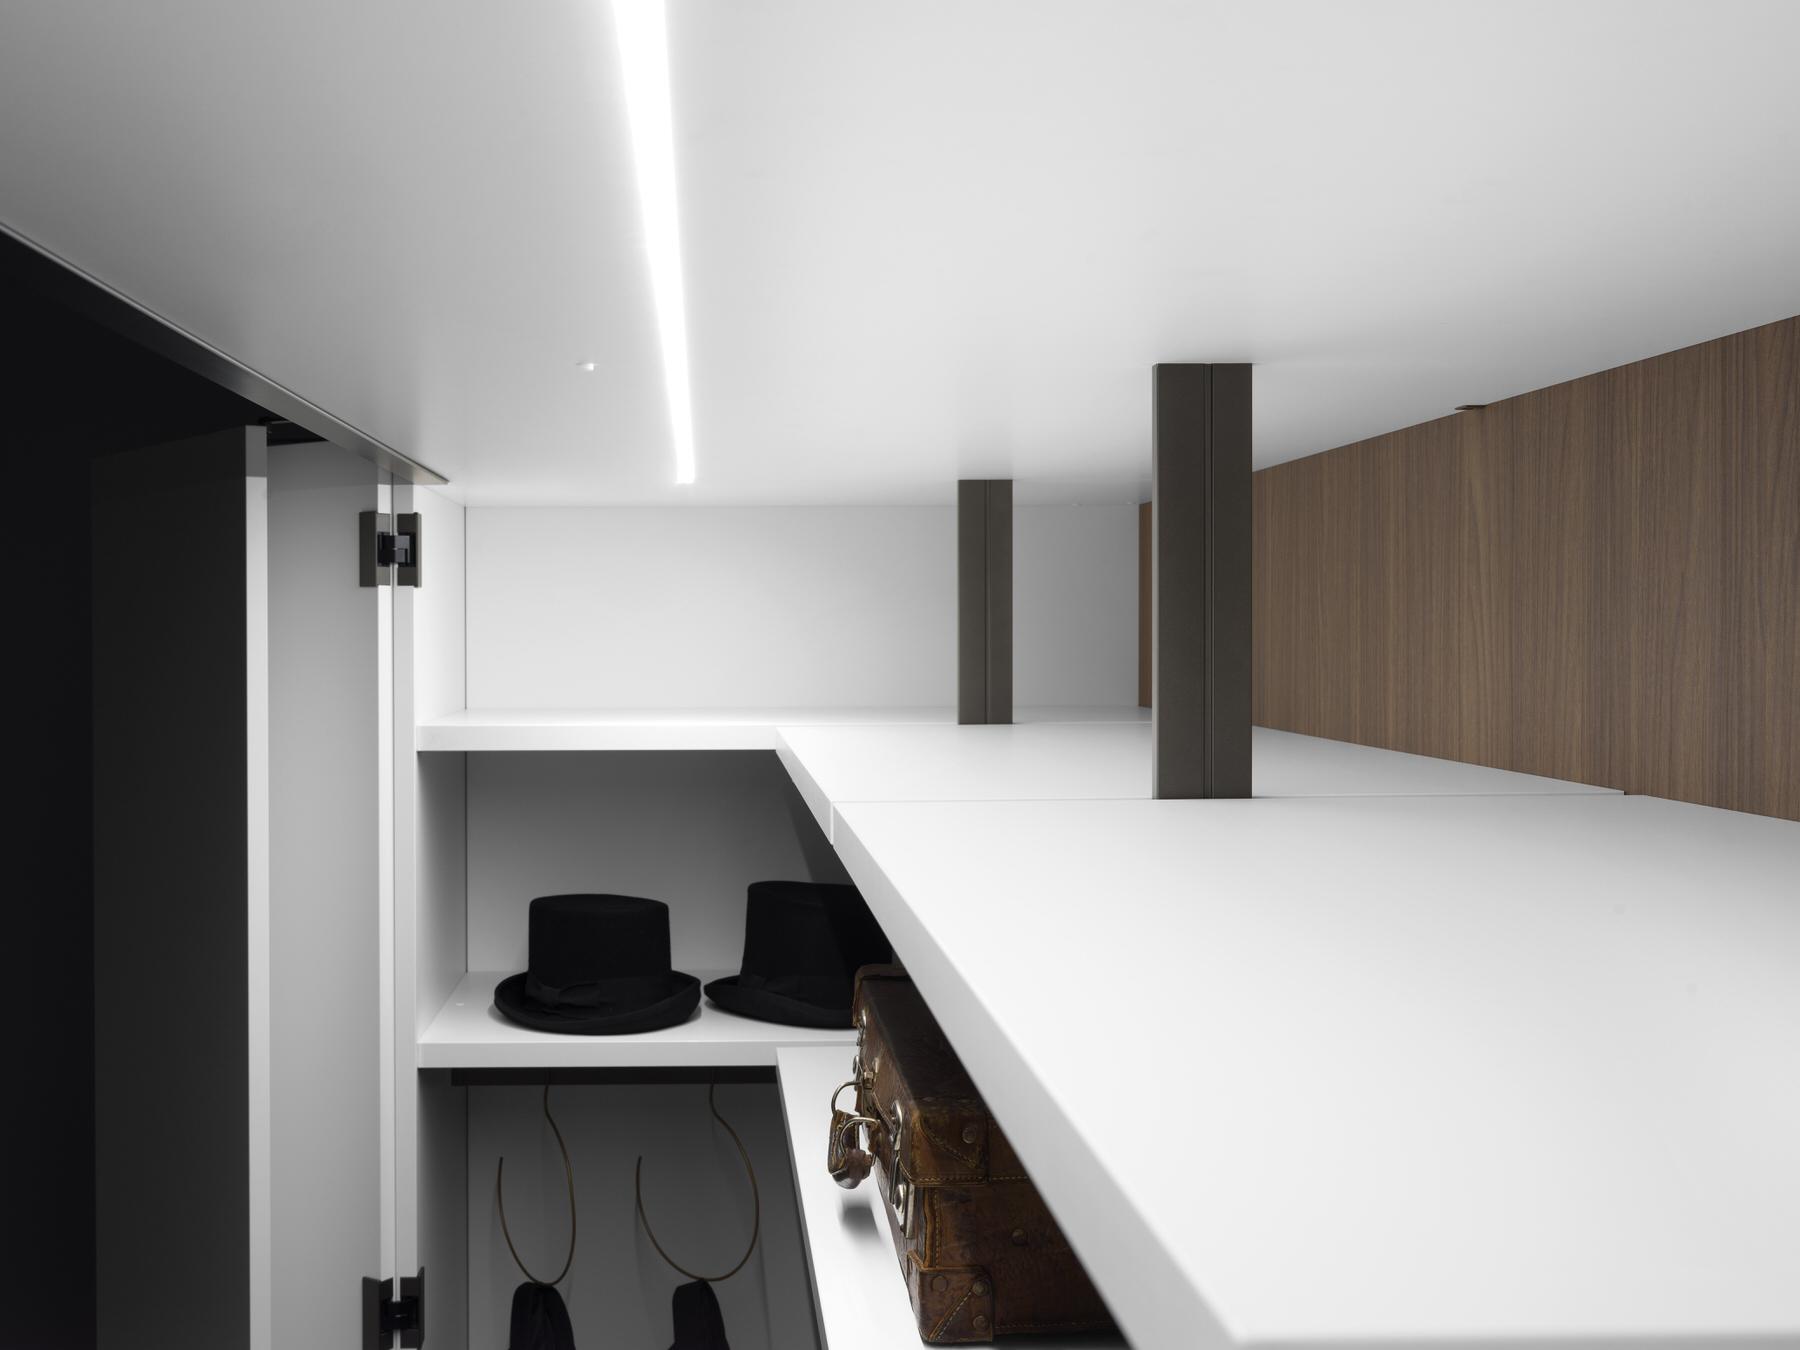 Armadio-Caccaro-Addessi-Design (3)